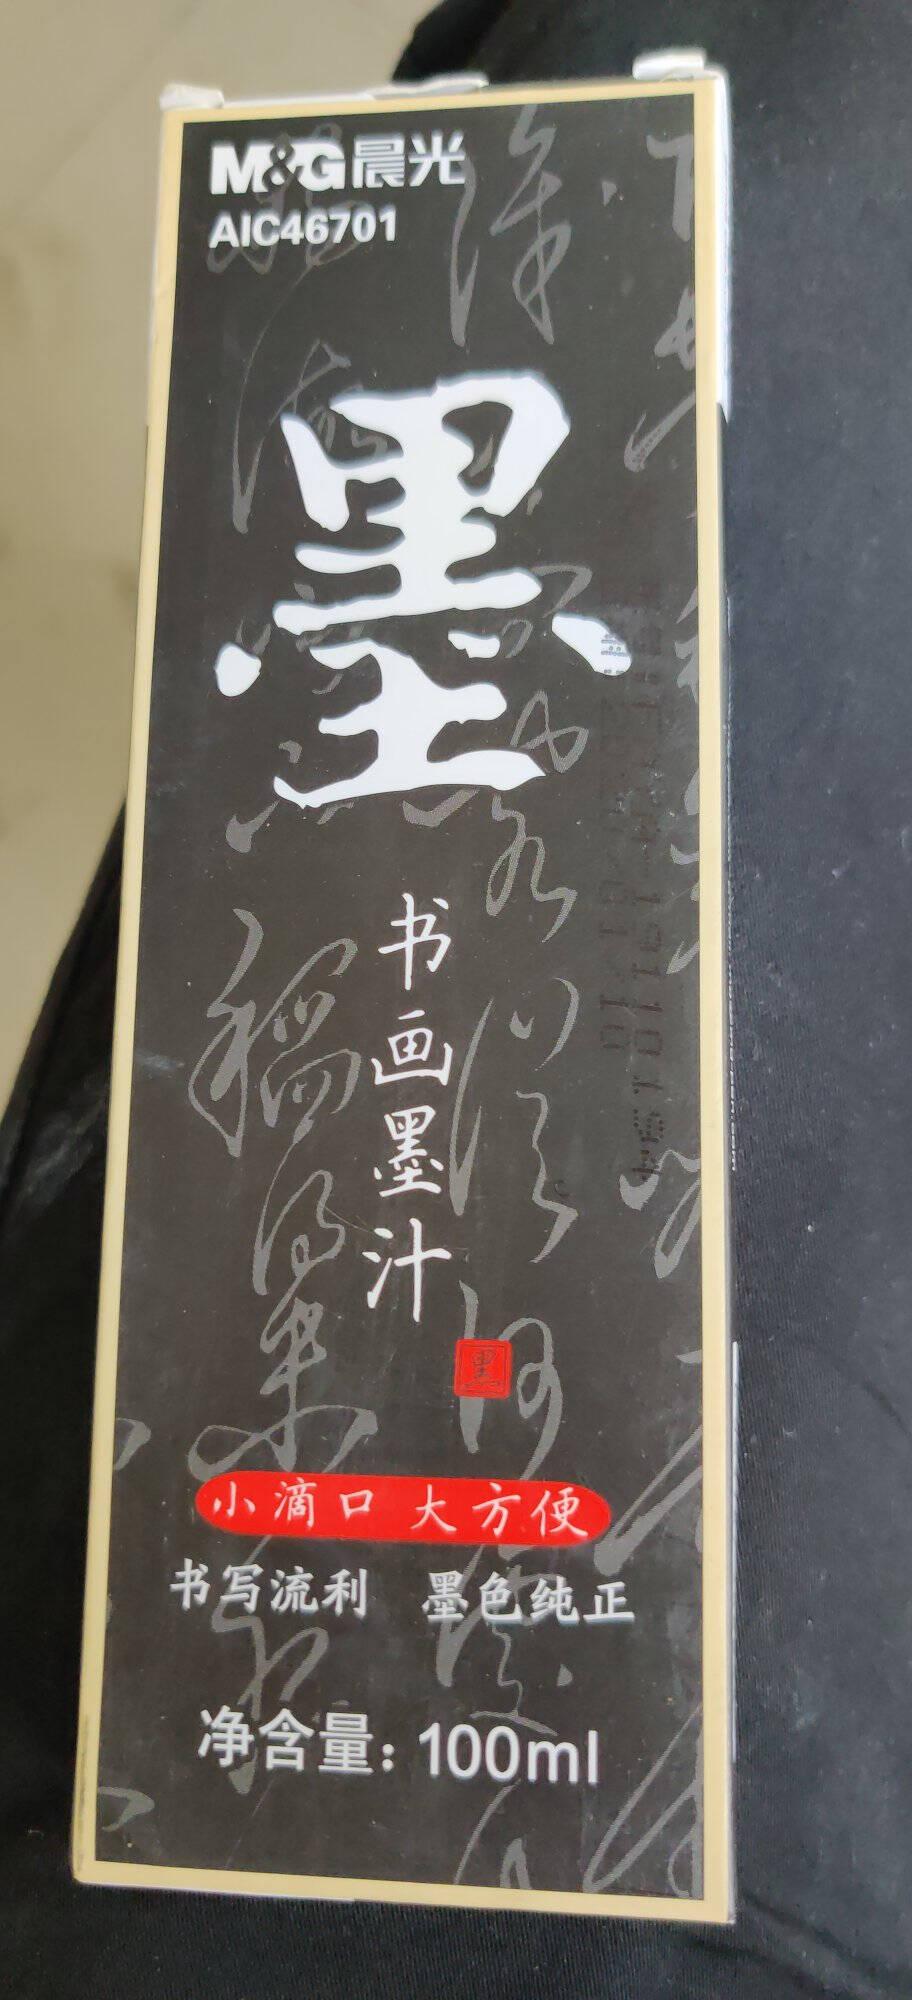 晨光(M&G)文具250ml高级速干墨汁创作墨汁文房四宝初学者书法绘画墨水单瓶装AICW8806